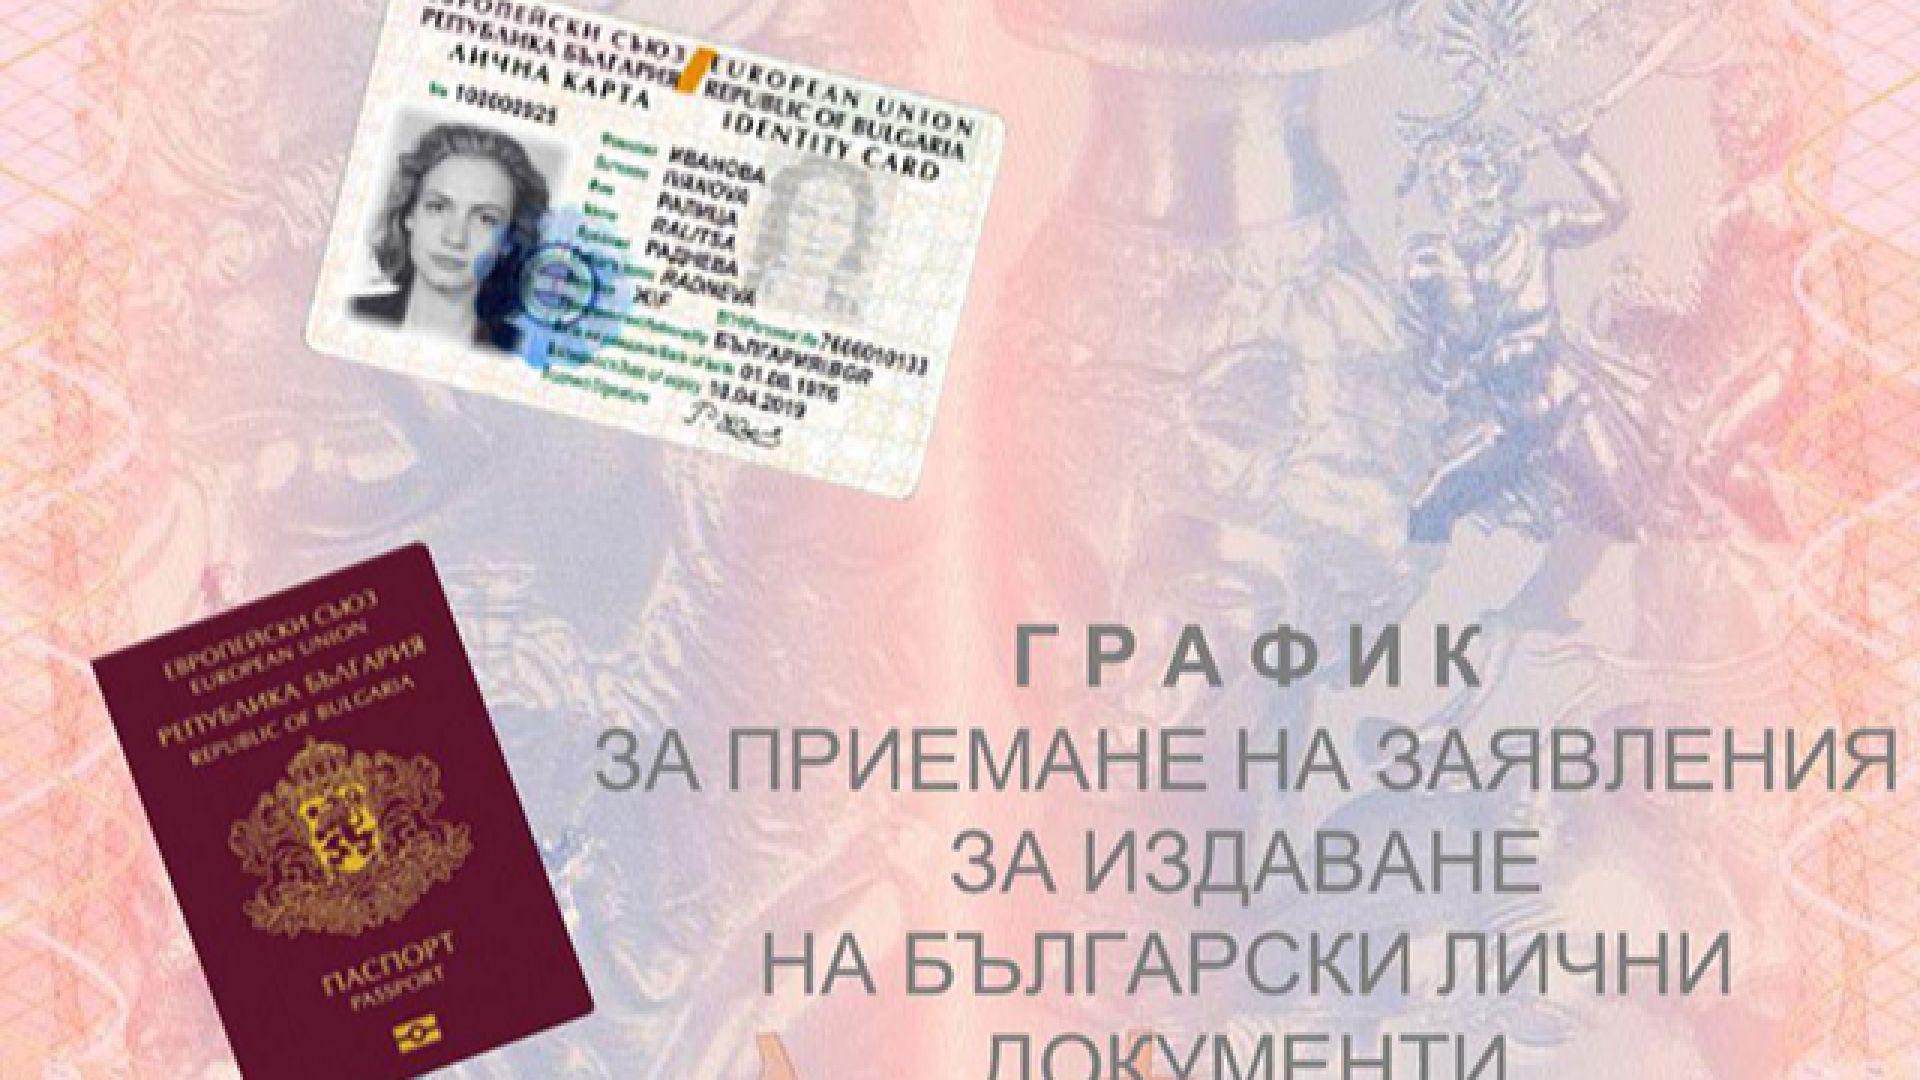 Близо милион лични карти изтичат догодина